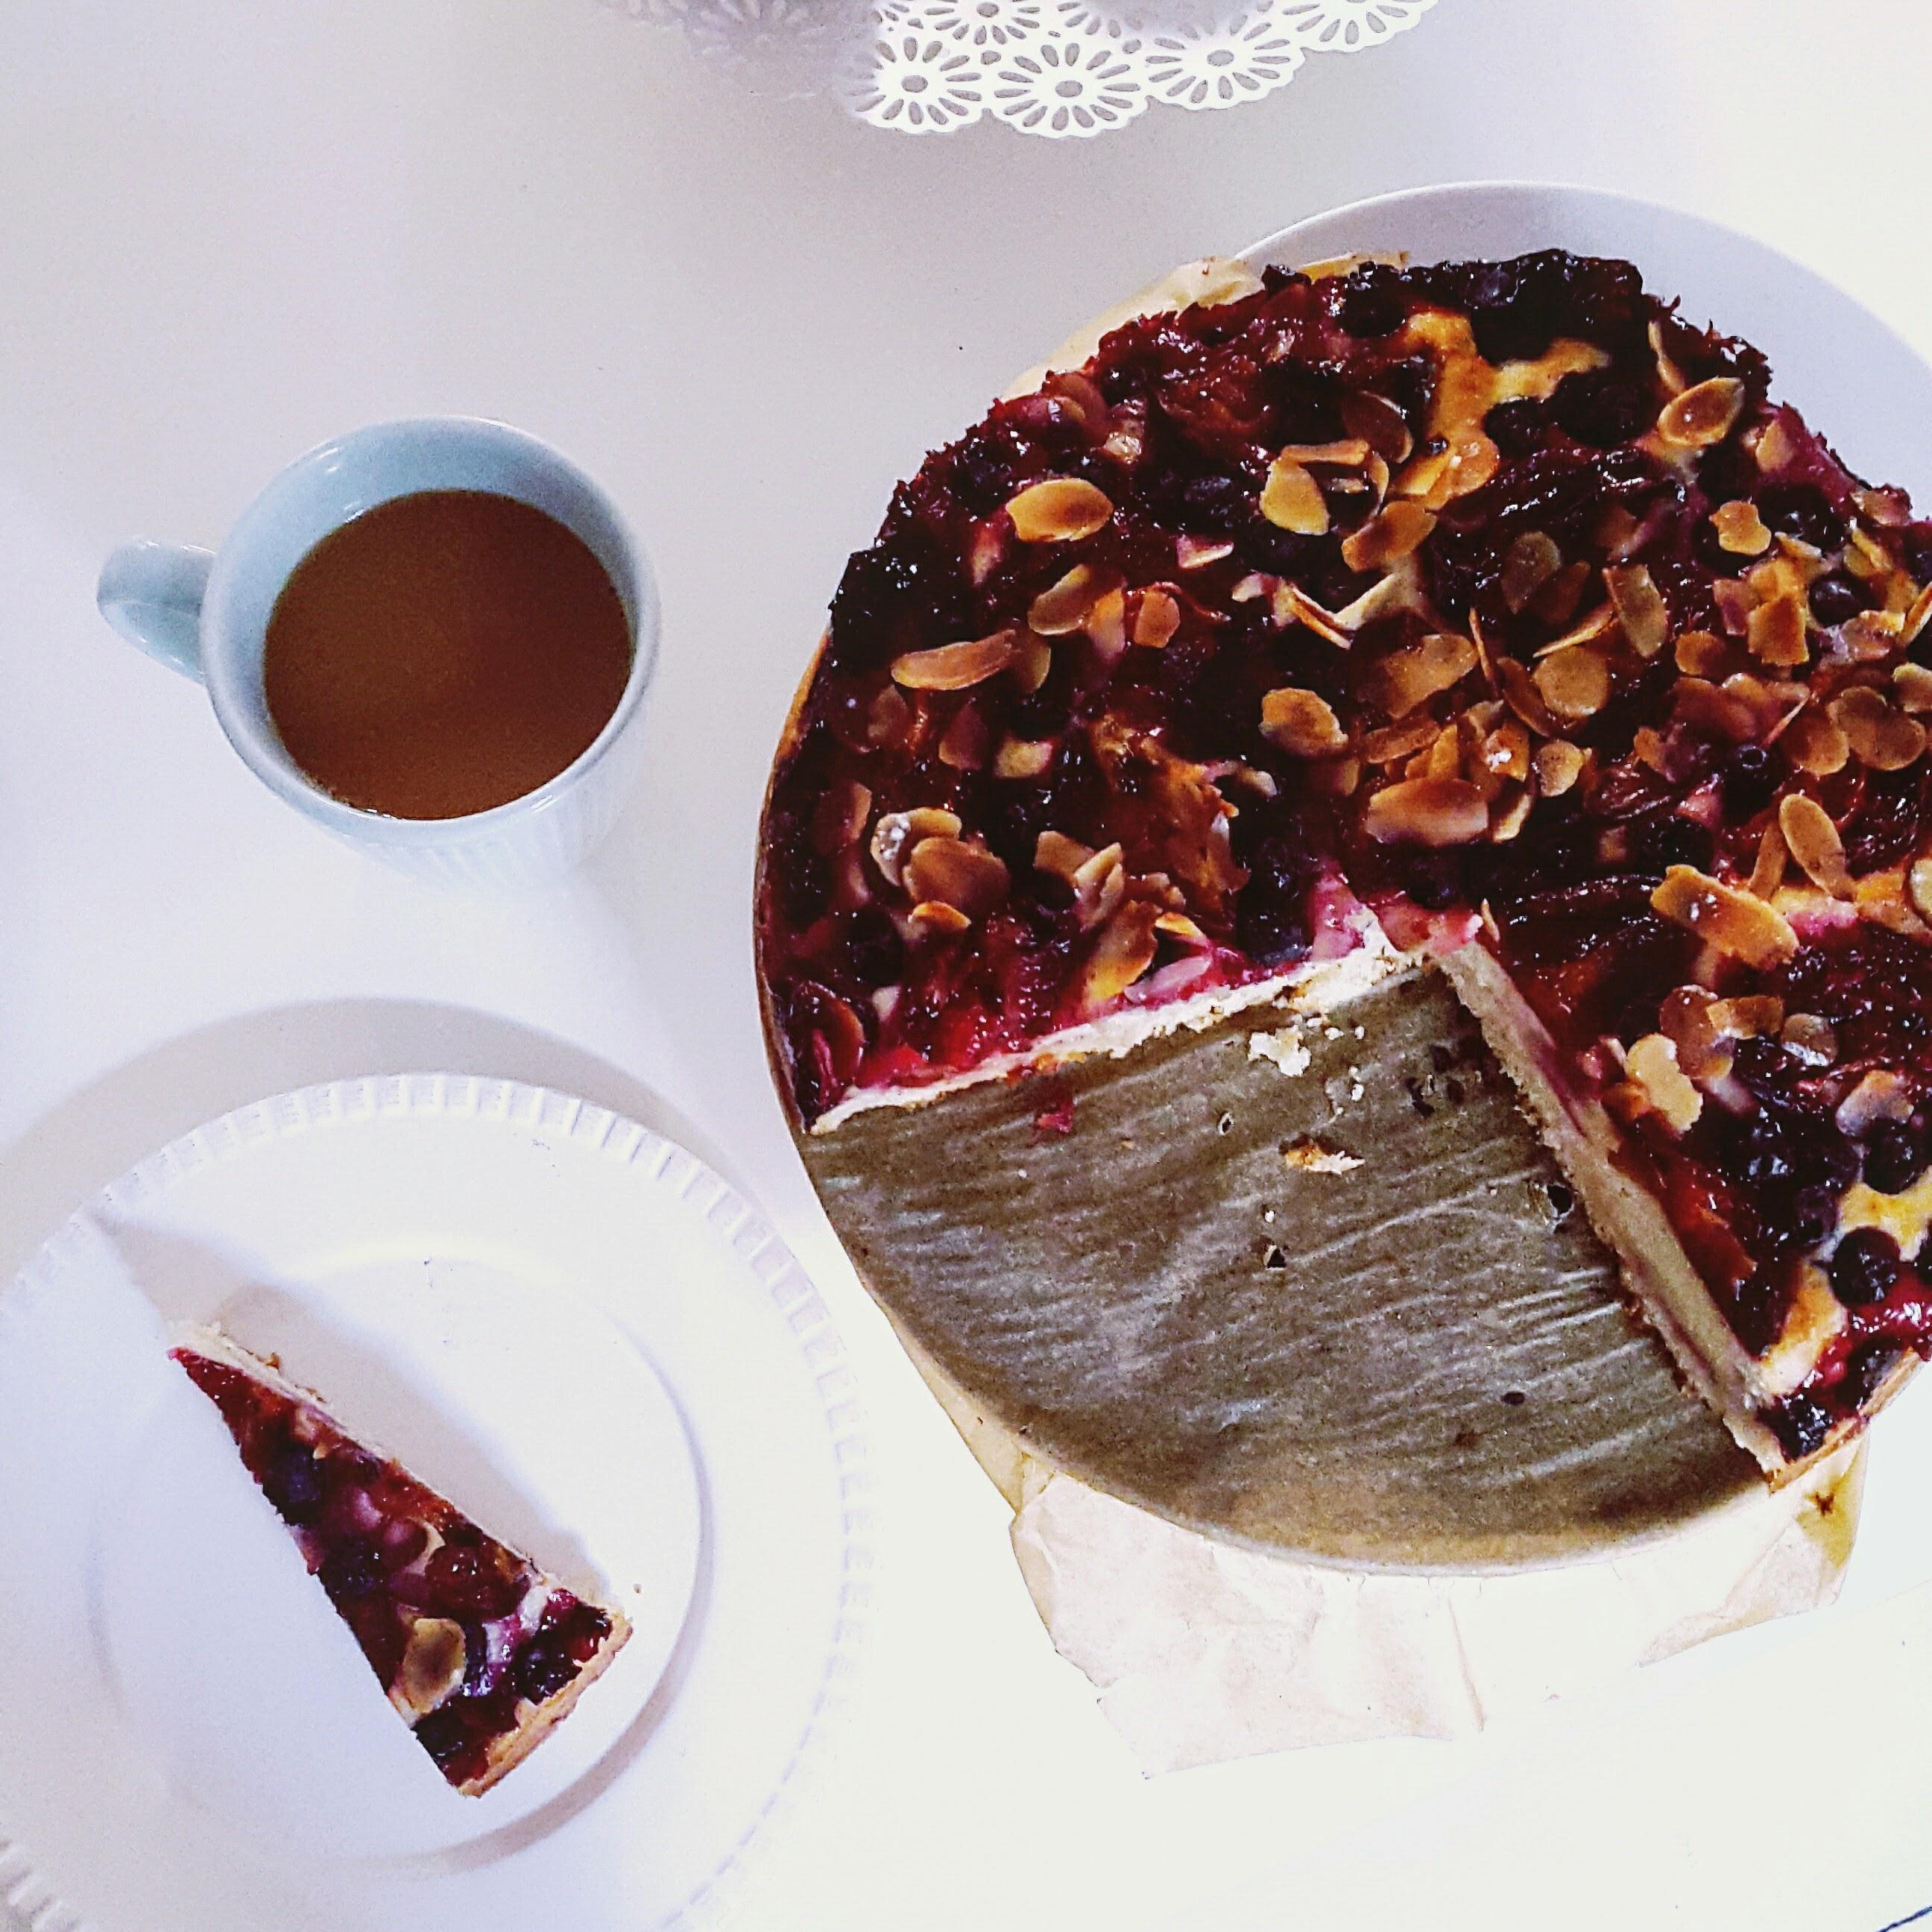 Delikatne drożdżowe ciasto zowocami